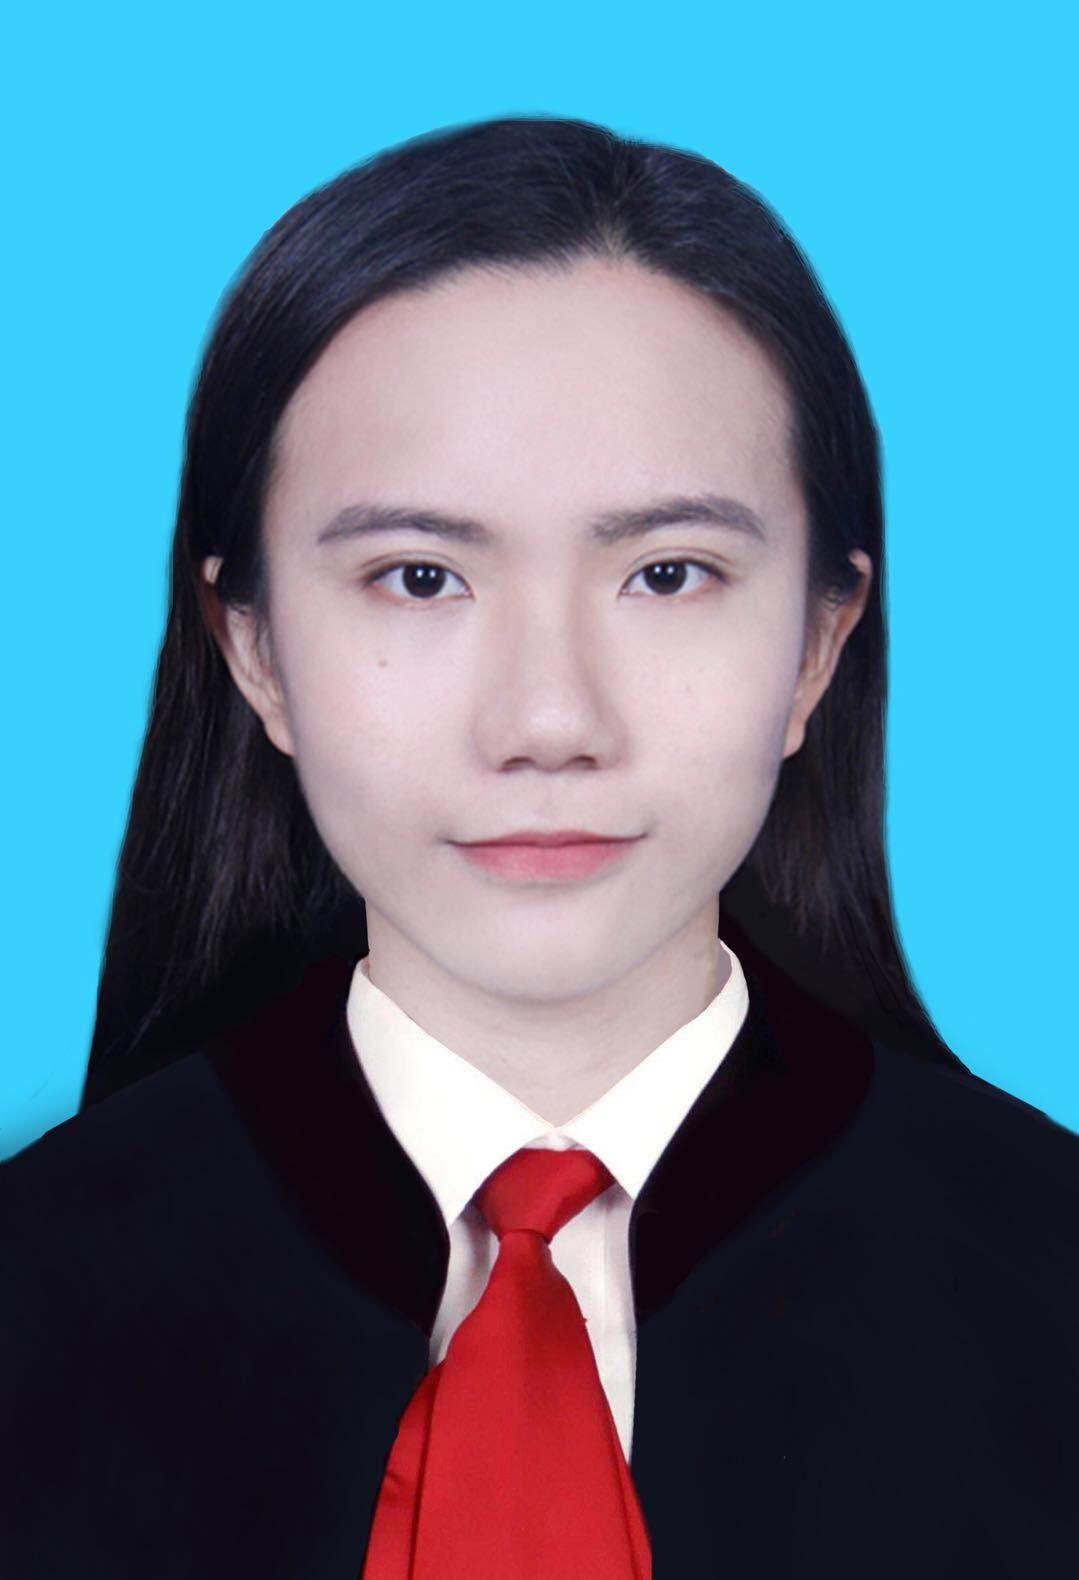 柳州梁珺瑶律师